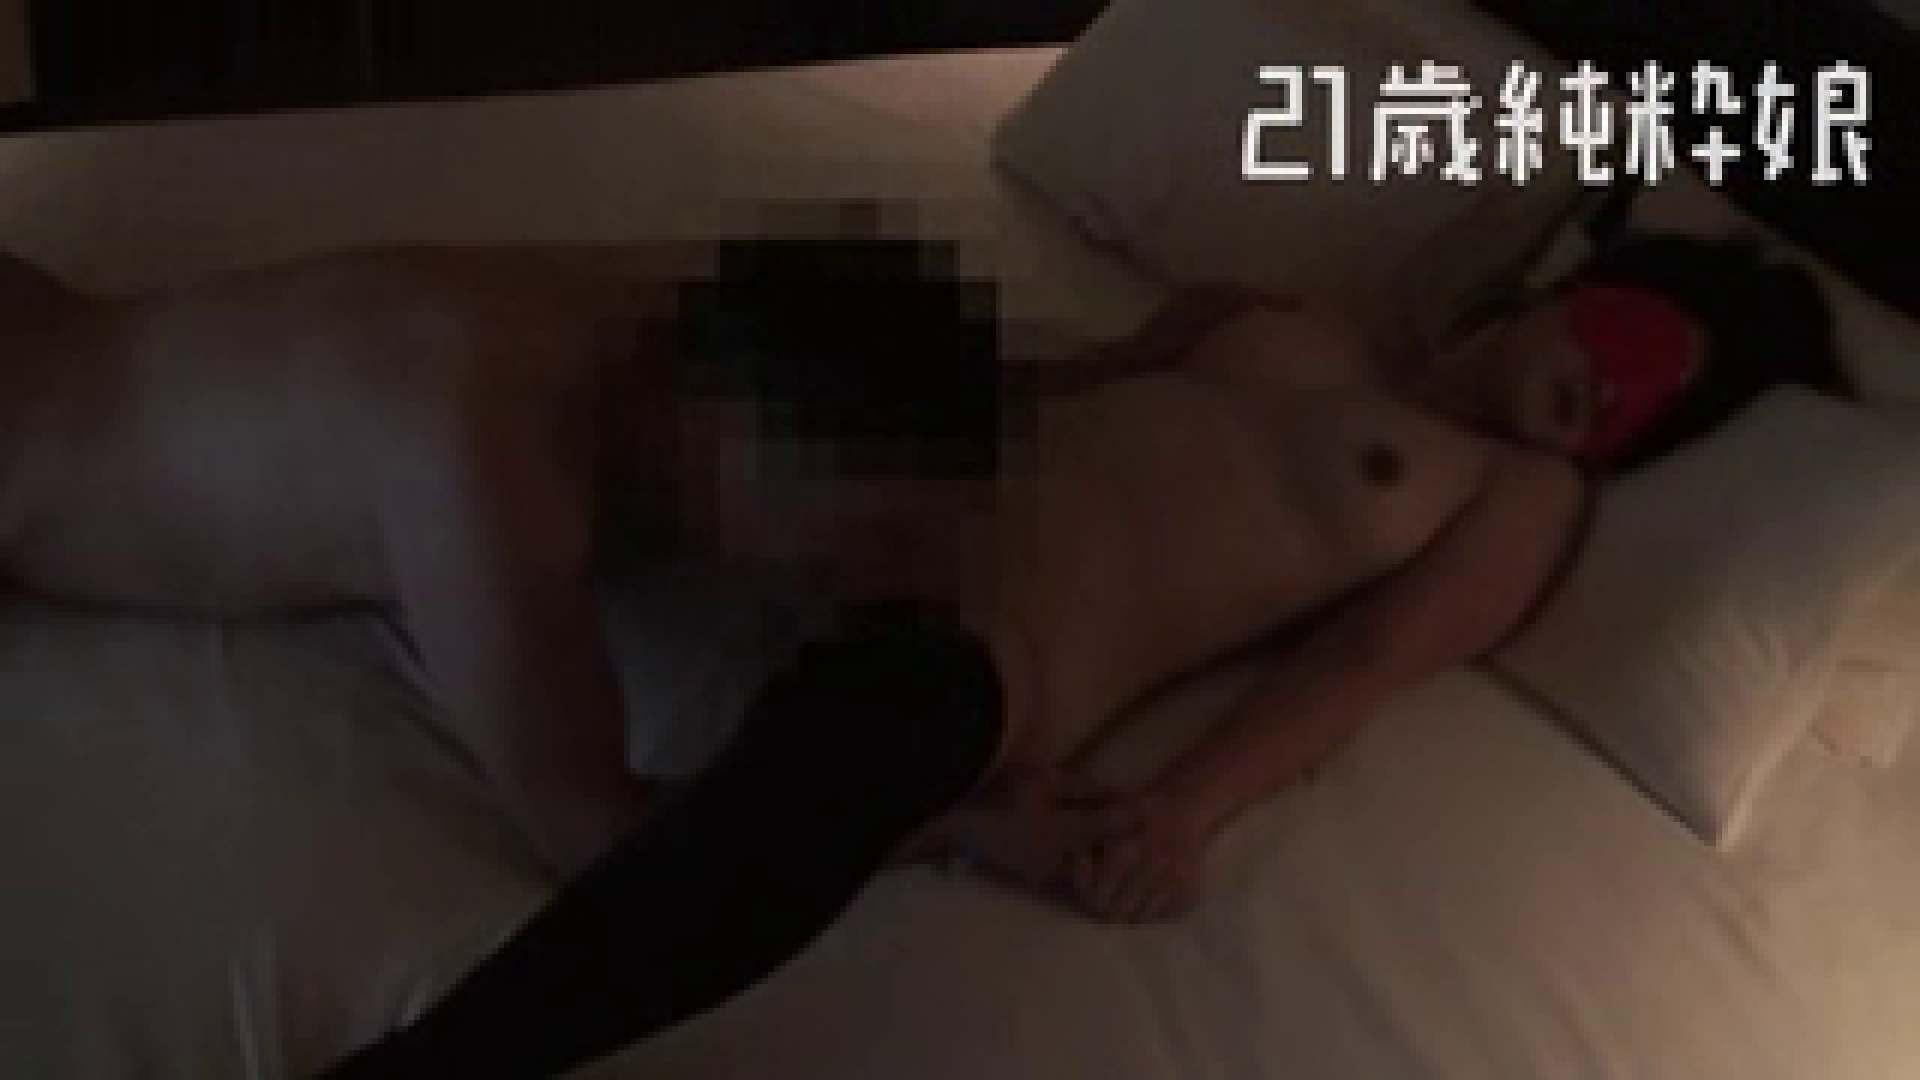 上京したばかりのGカップ21歳純粋嬢を都合の良い女にしてみた4 ホテル | ギャル達のおっぱい  96画像 71